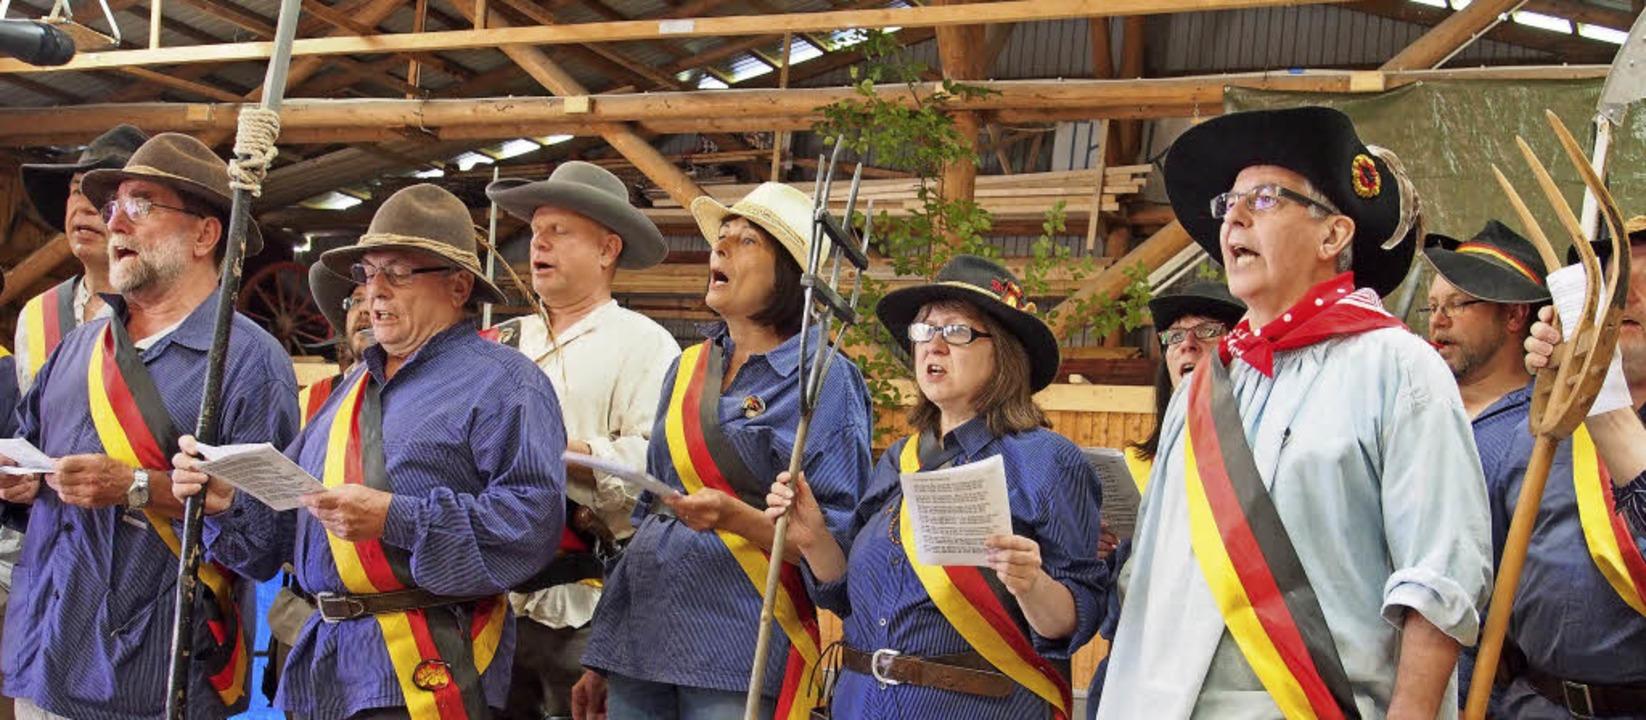 Die Heckersänger aus Schopfheim waren auch mit von der Partie.   | Foto: Boris Burkhardt